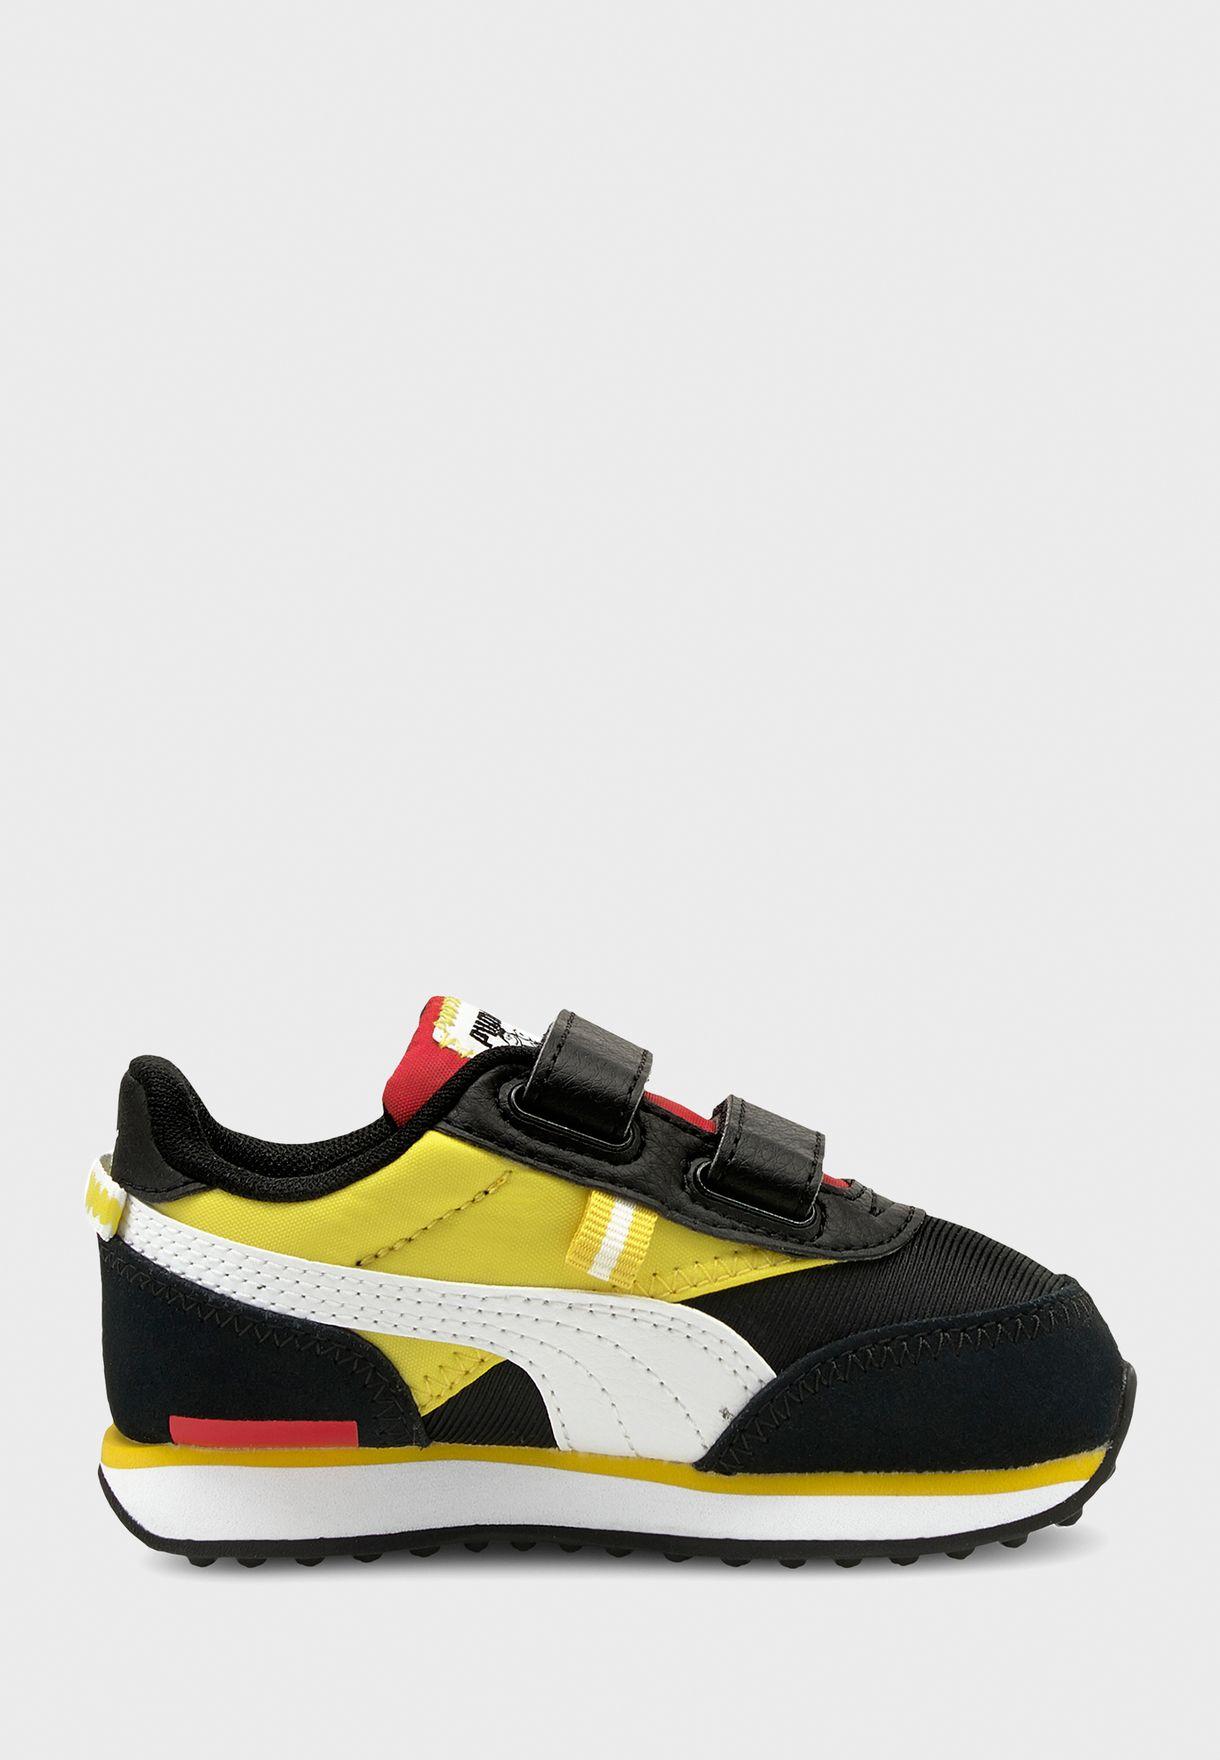 حذاء بينتس فيوتشر رايدر للبيبي